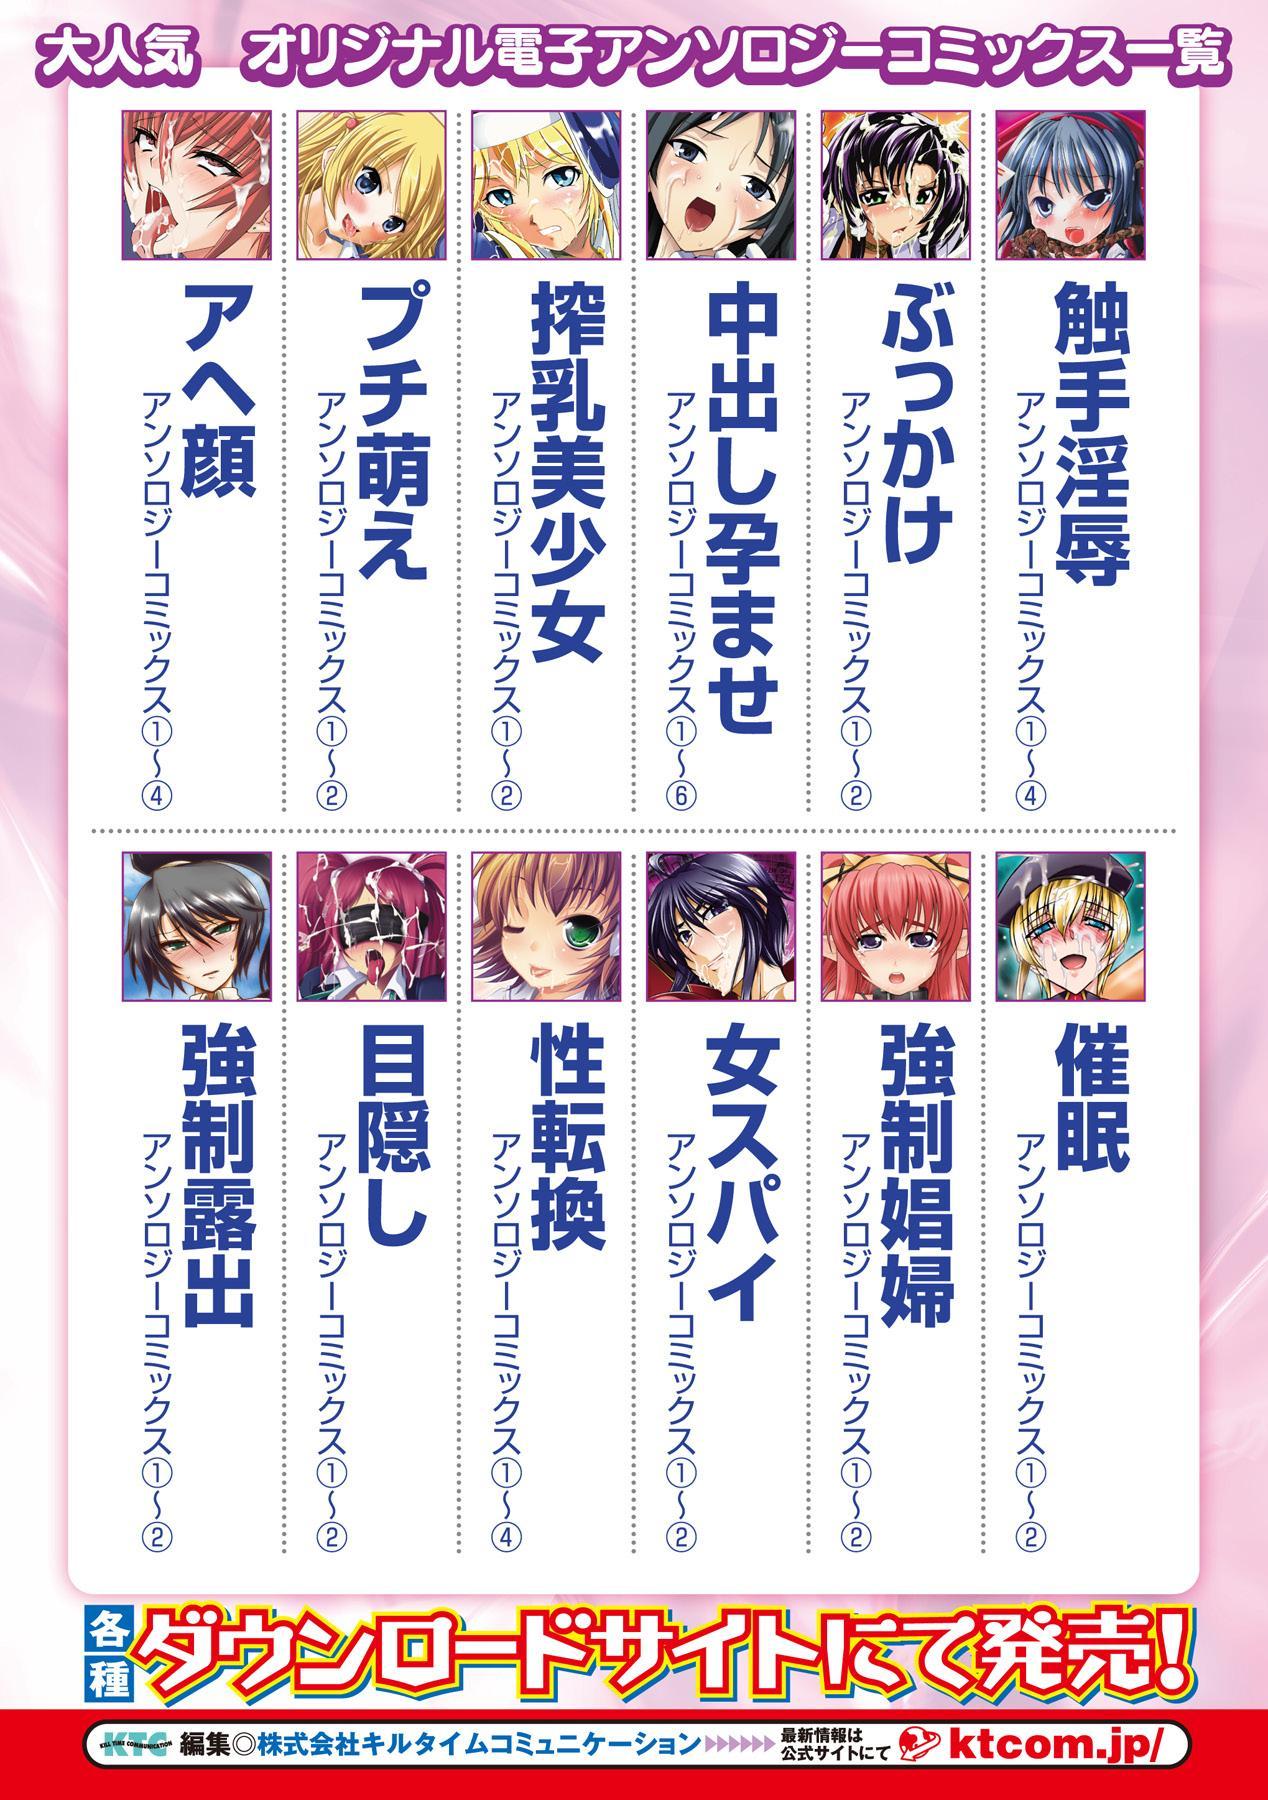 2D Dream Color Comic Collection Vol.2 64